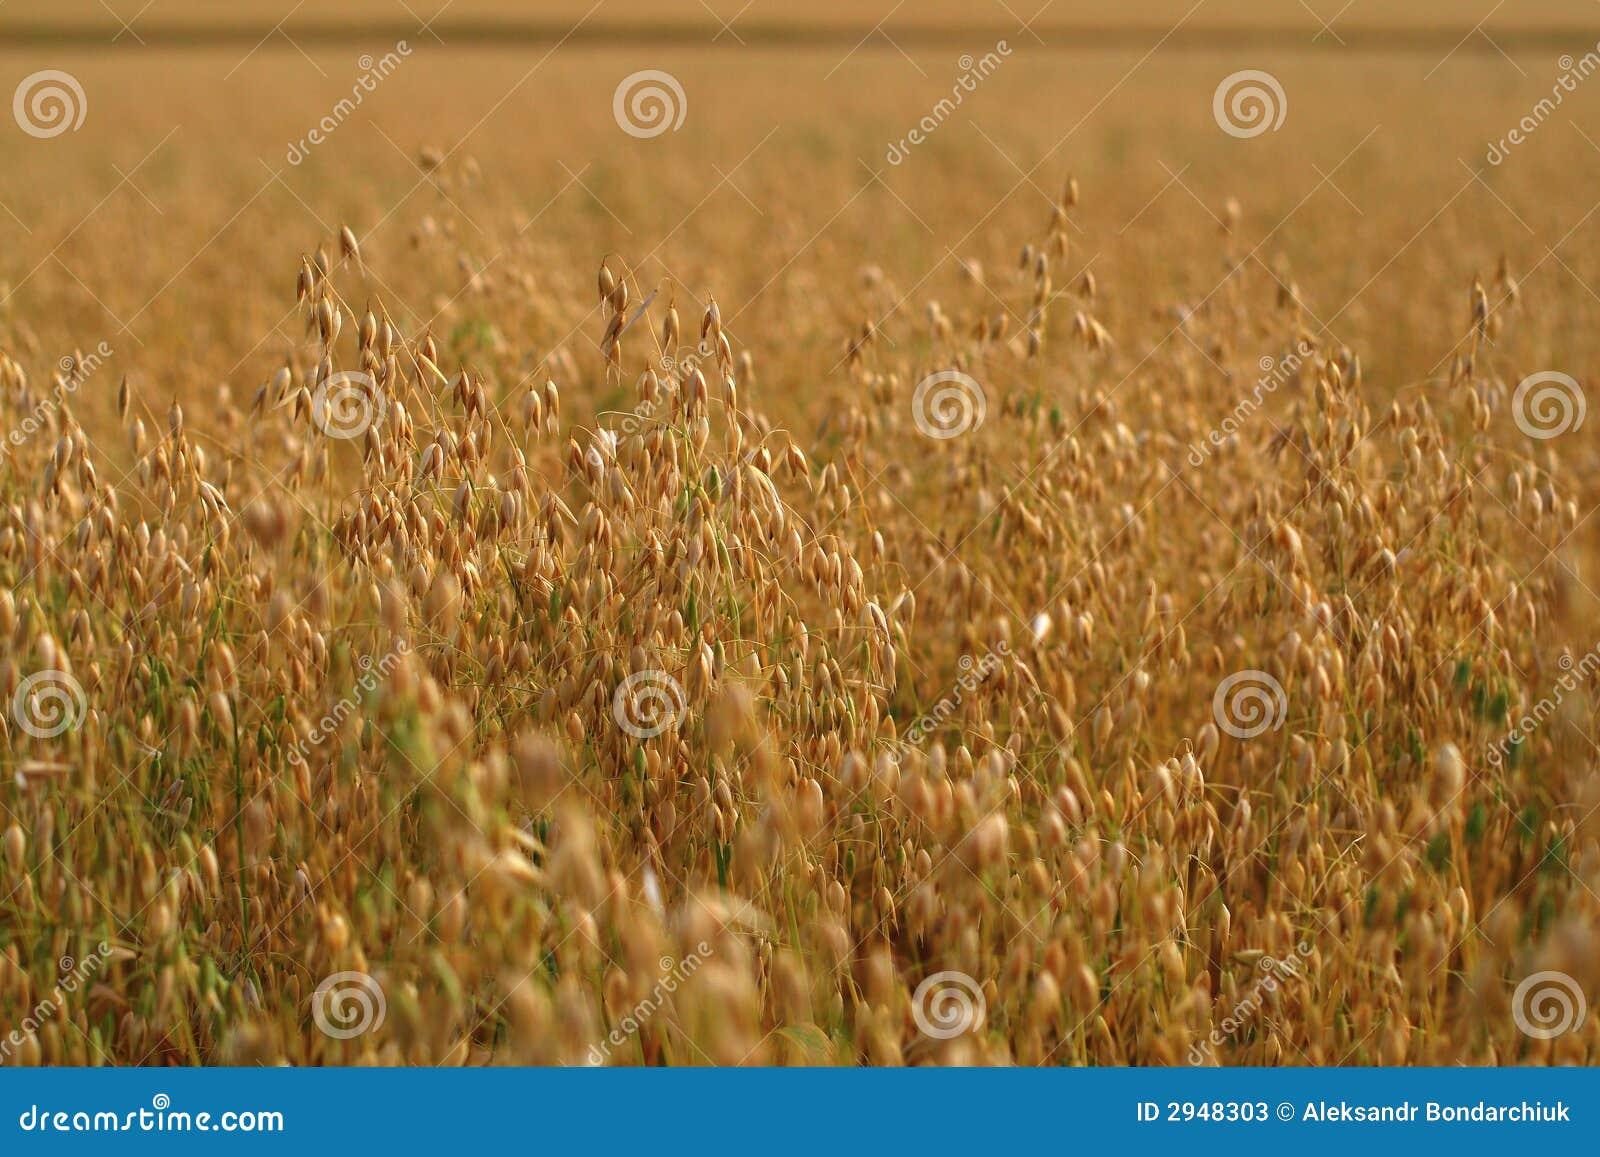 Oat Crops Field